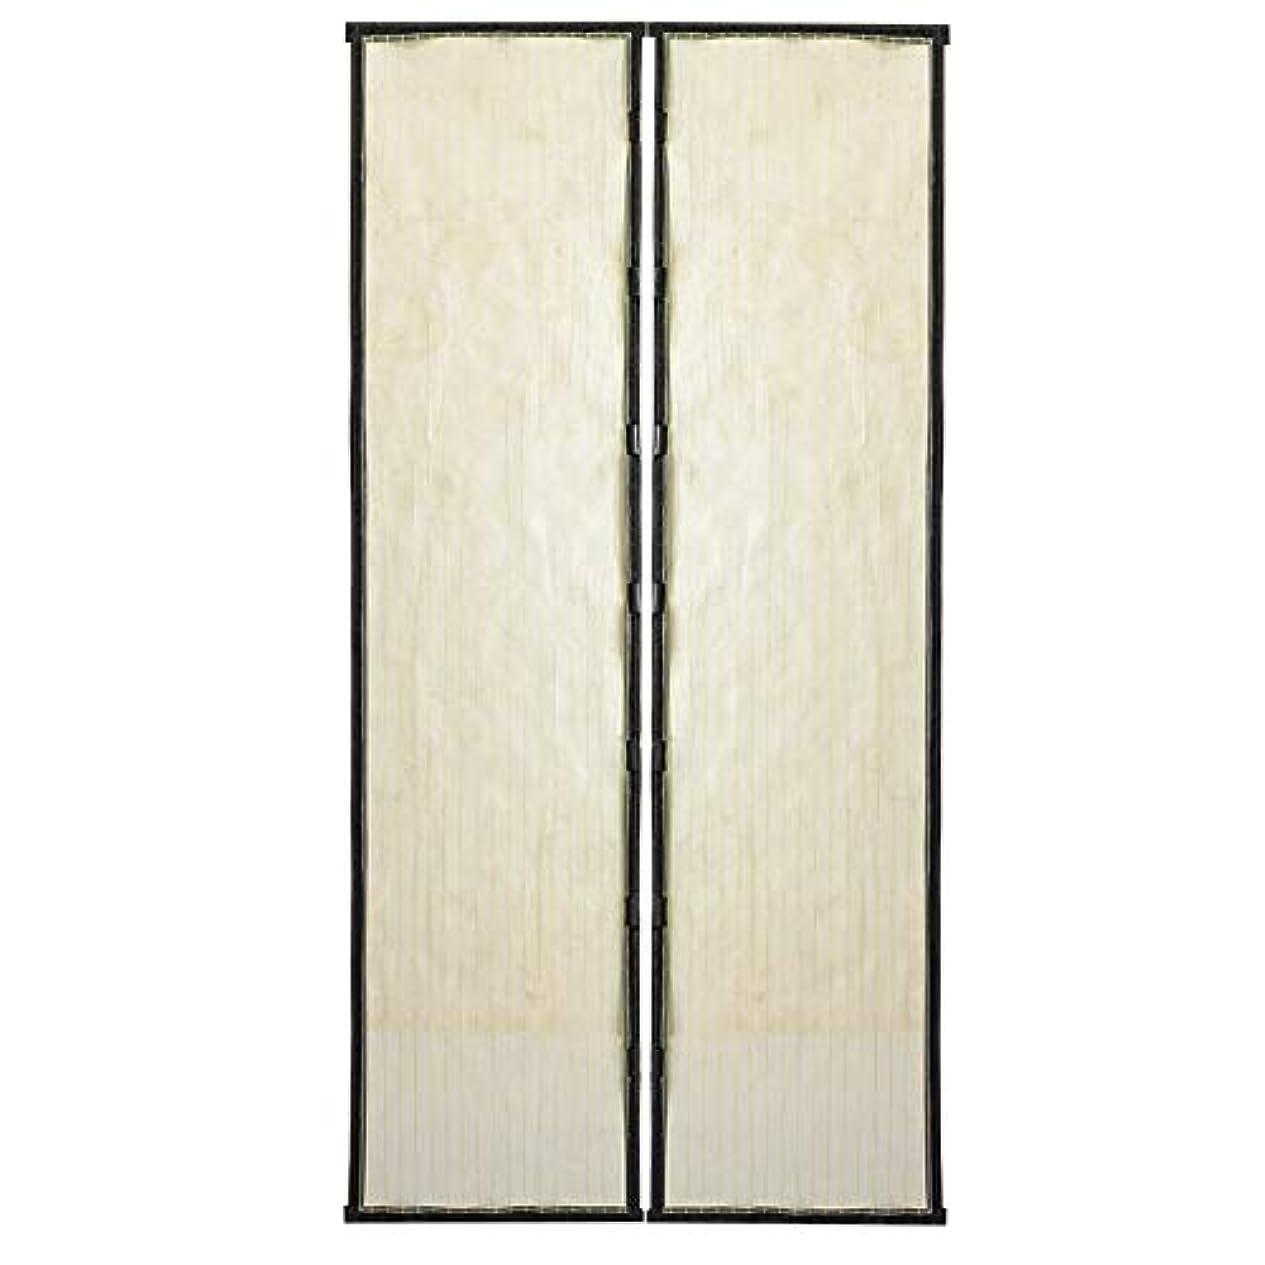 切断する近代化する悪魔tiwayer マグネット網戸 ドア用網戸 防蚊カーテン 電磁蚊帳ドア 自動的に閉じ 工具なしで簡単に設置 玄関/寝室/ベランダ/勝手口虫よけ/エコ/断熱 暑さ対策(ホワイト1)